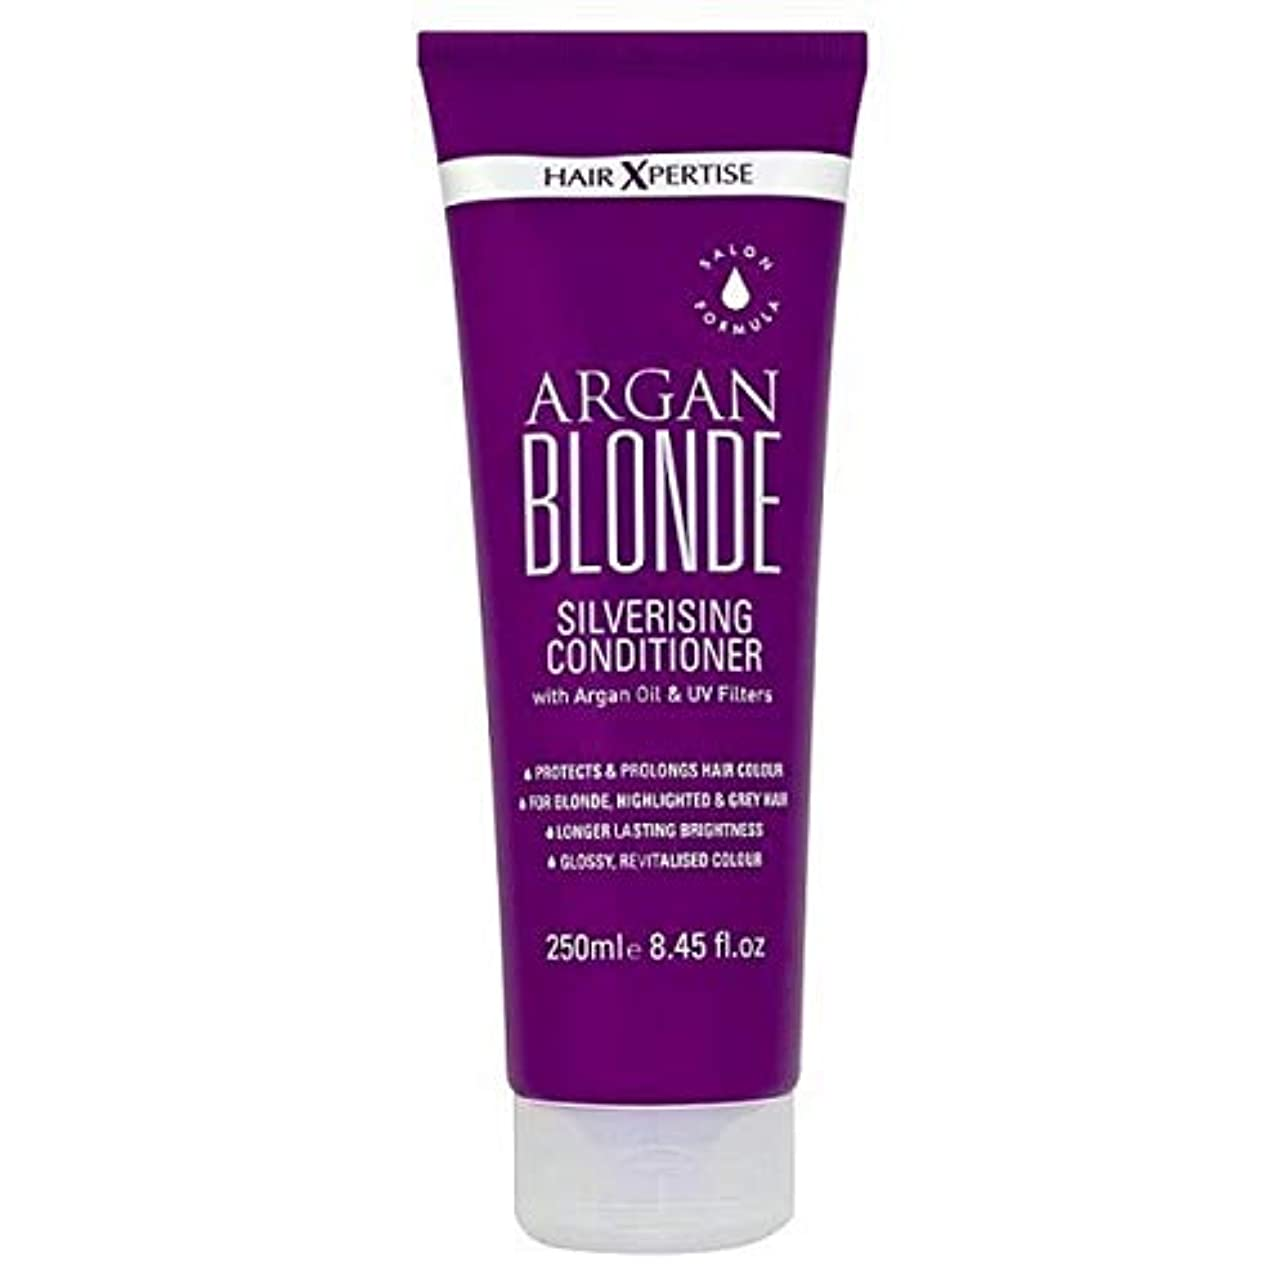 大腿スリラー反対に[Hair Xpertise] ヘアXpertiseのアルガンブロンドSilverisingコンディショナー250ミリリットル - Hair Xpertise Argan Blonde Silverising Conditioner...